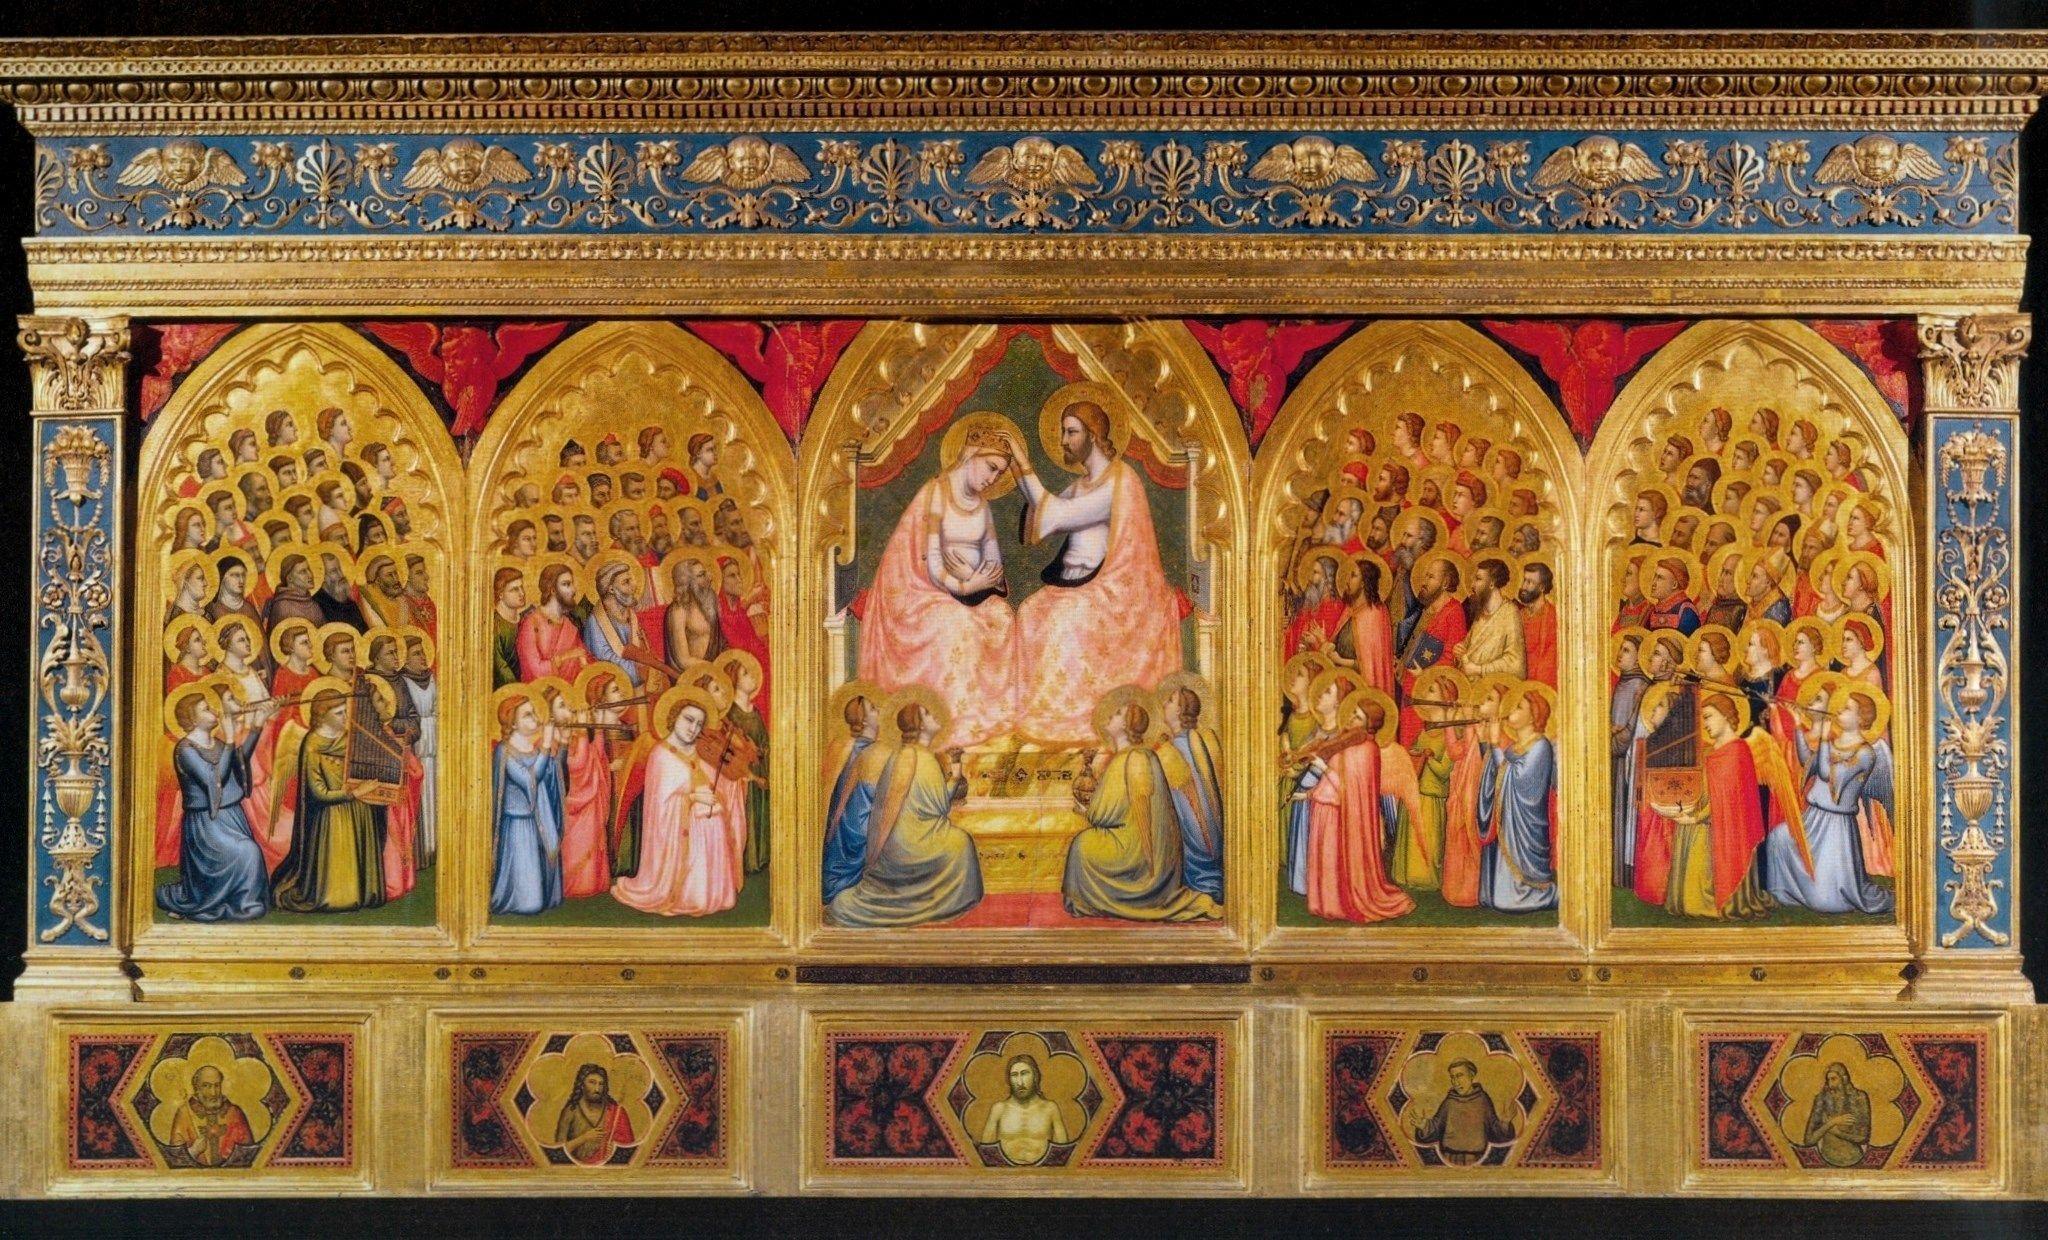 Mostra Giotto a Milano: dal 2 settembre al 10 gennaio 2016